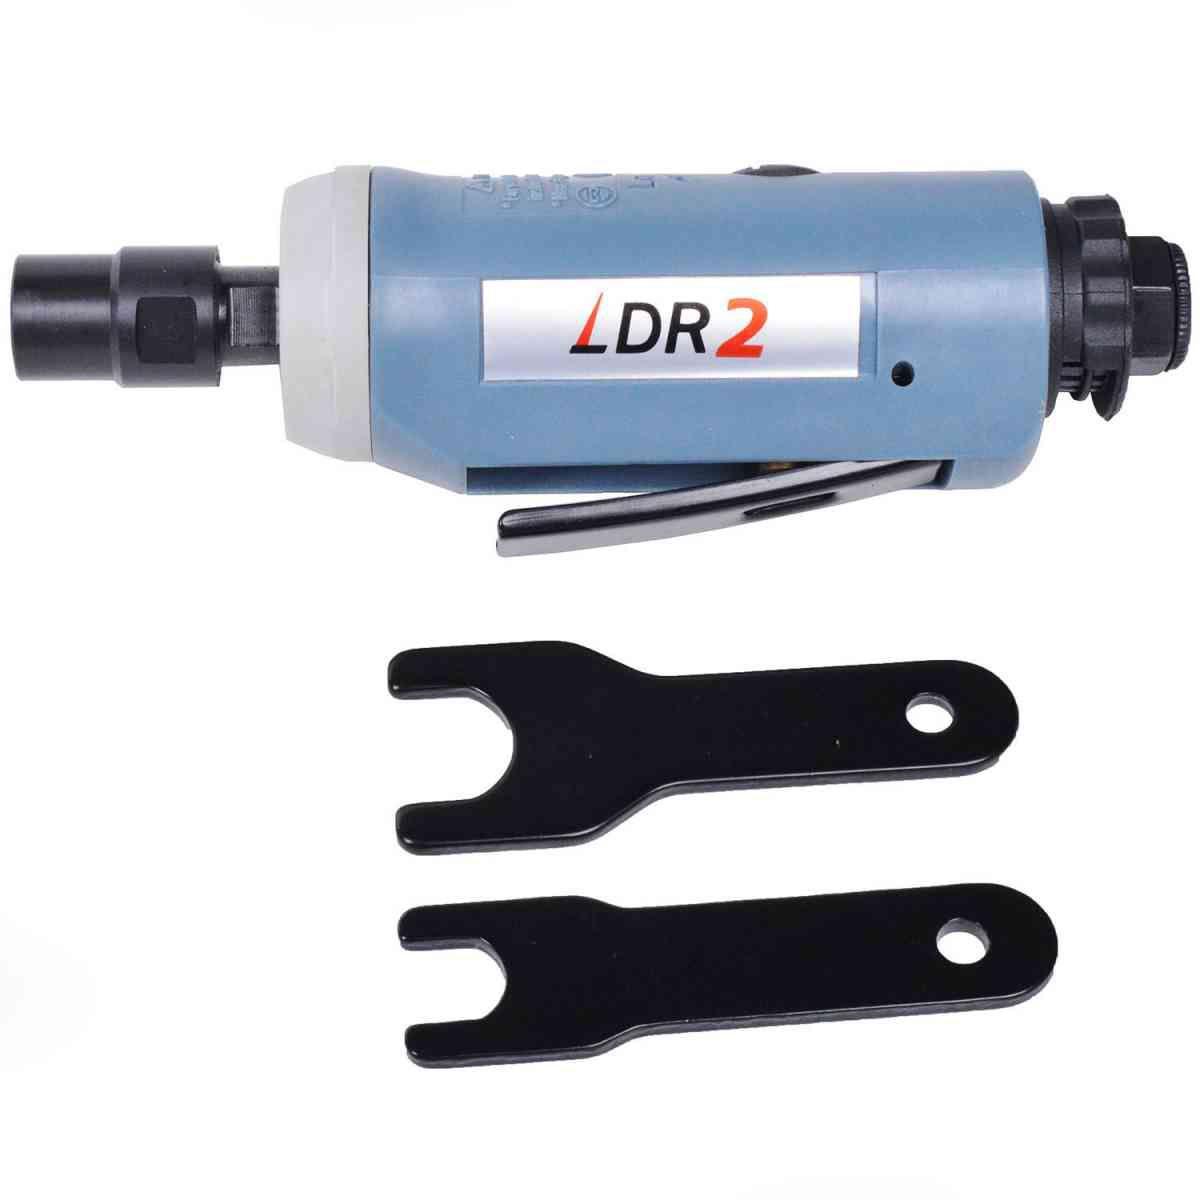 """RETIFICA PNEUMATICA MINI 1/4"""" 0,3HP 25.000RPM DR3-4824 LDR2"""